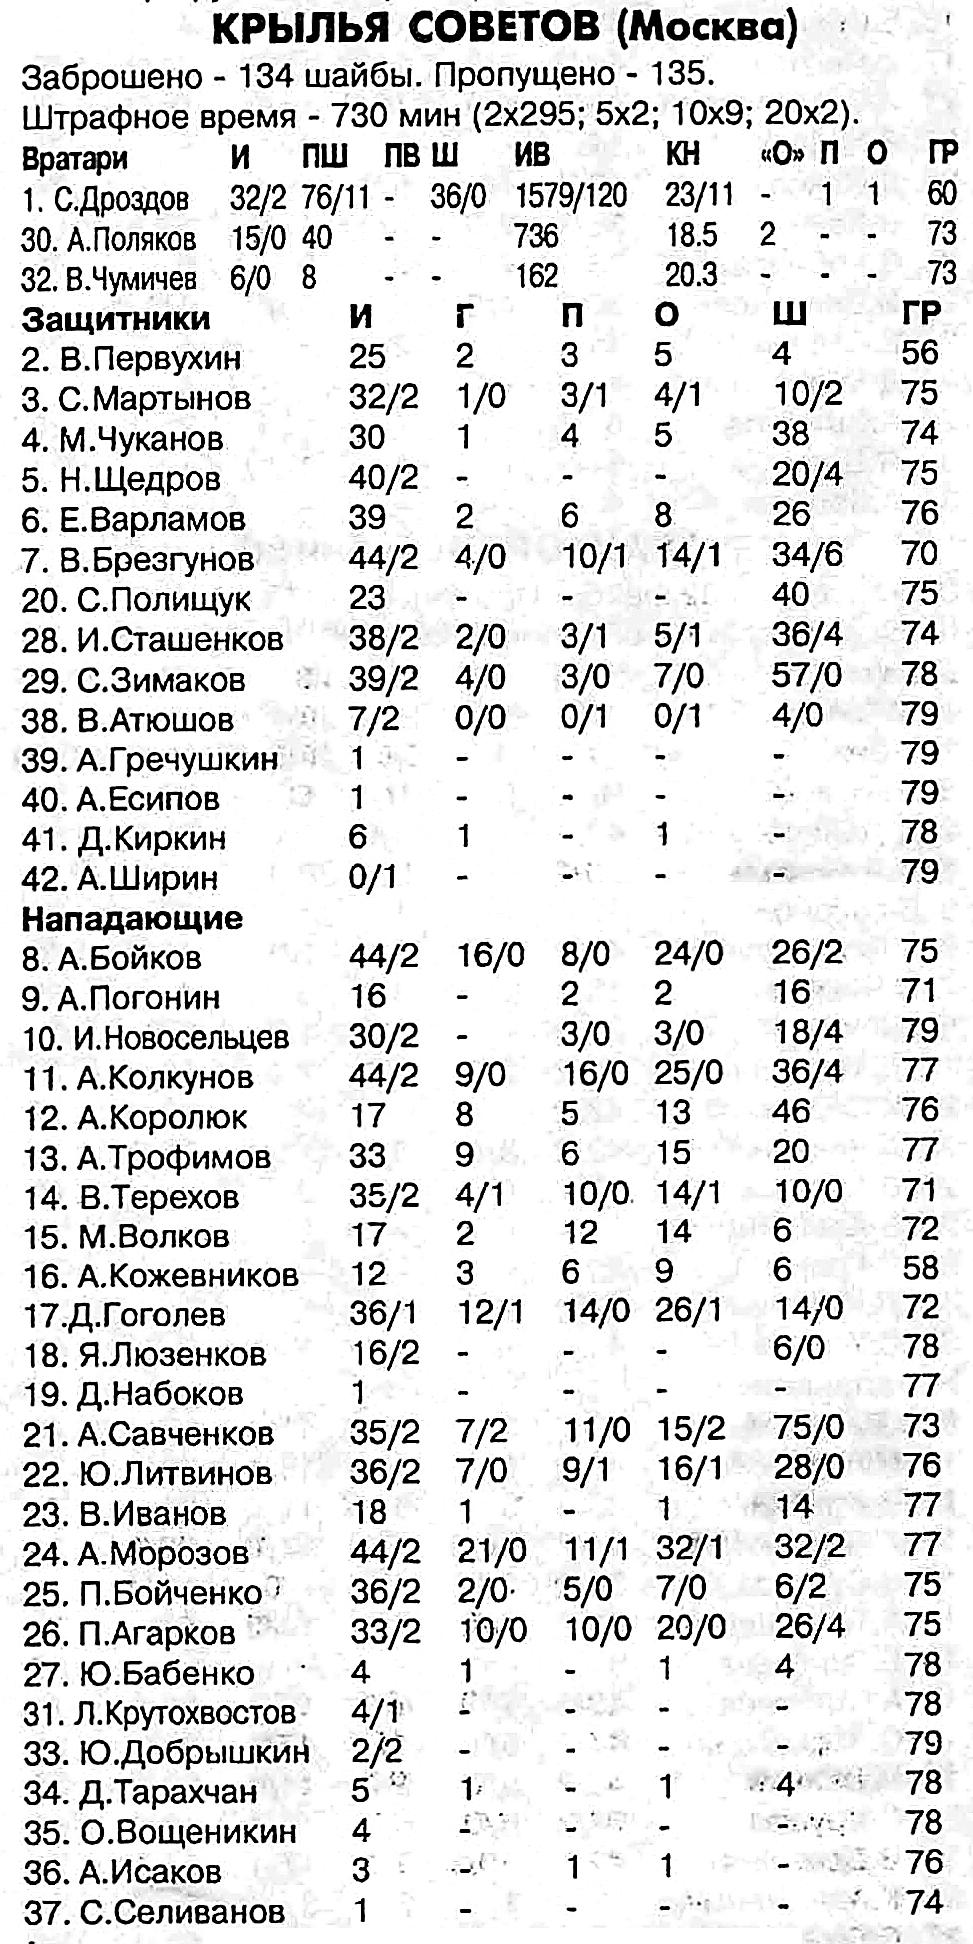 Крылья Советов.jpg